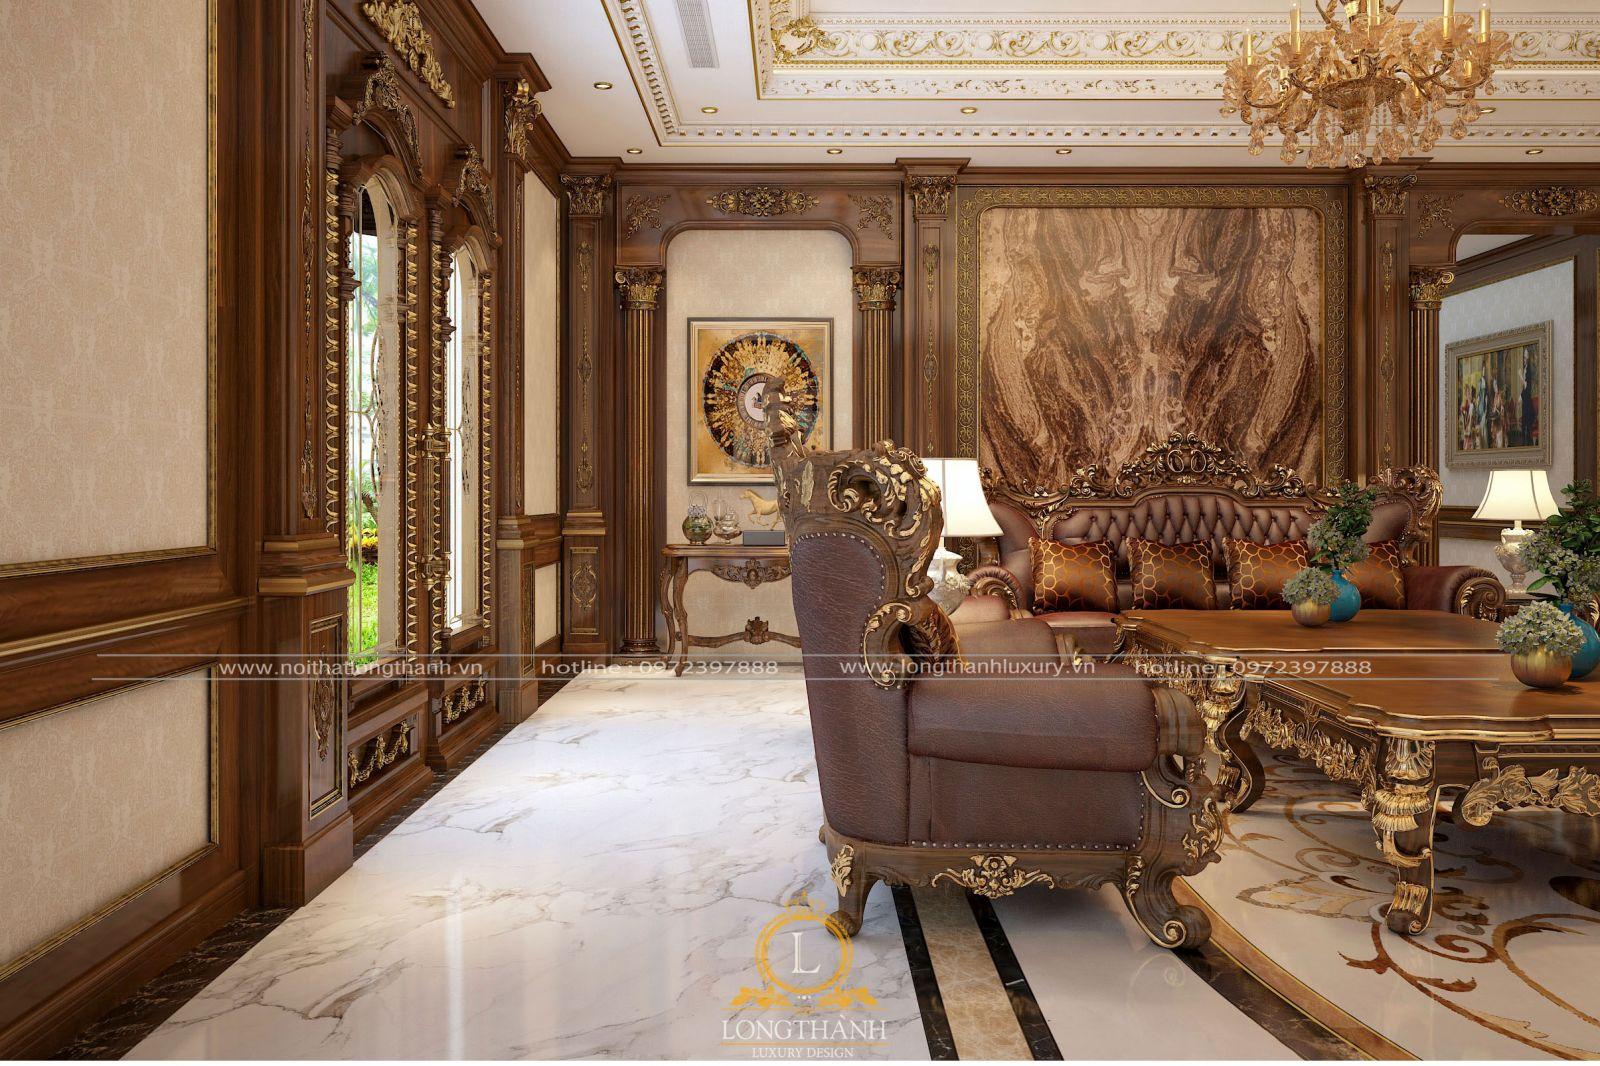 Tone màu trang trí từ trần, sàn, Sofa, vách ốp hài hòa cho phòng khách thêm sang trọng